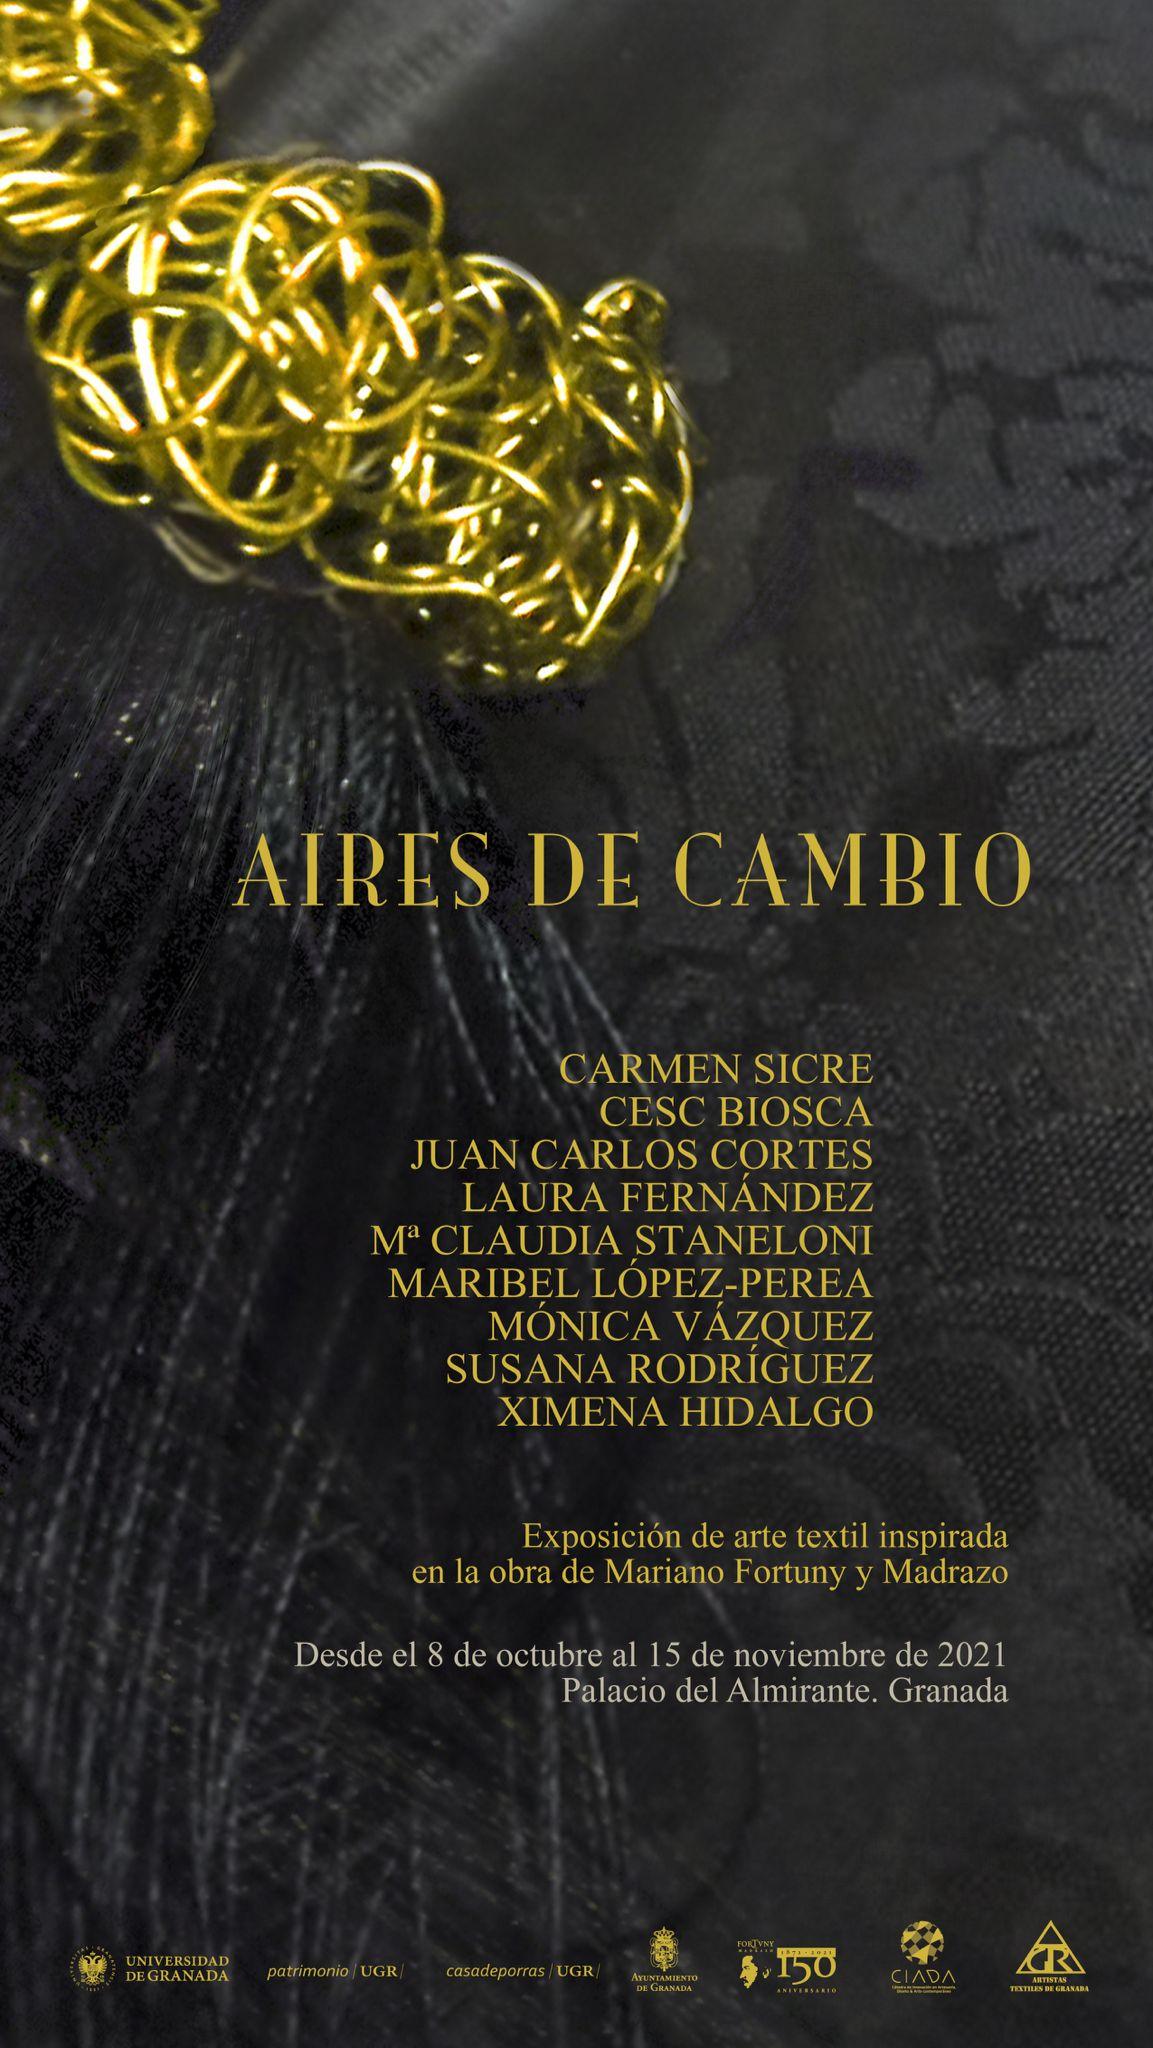 El Palacio del Almirante acoge 'Aires de cambio', una nueva exposición de arte textil inspirada en la obra de Mariano Fortuny